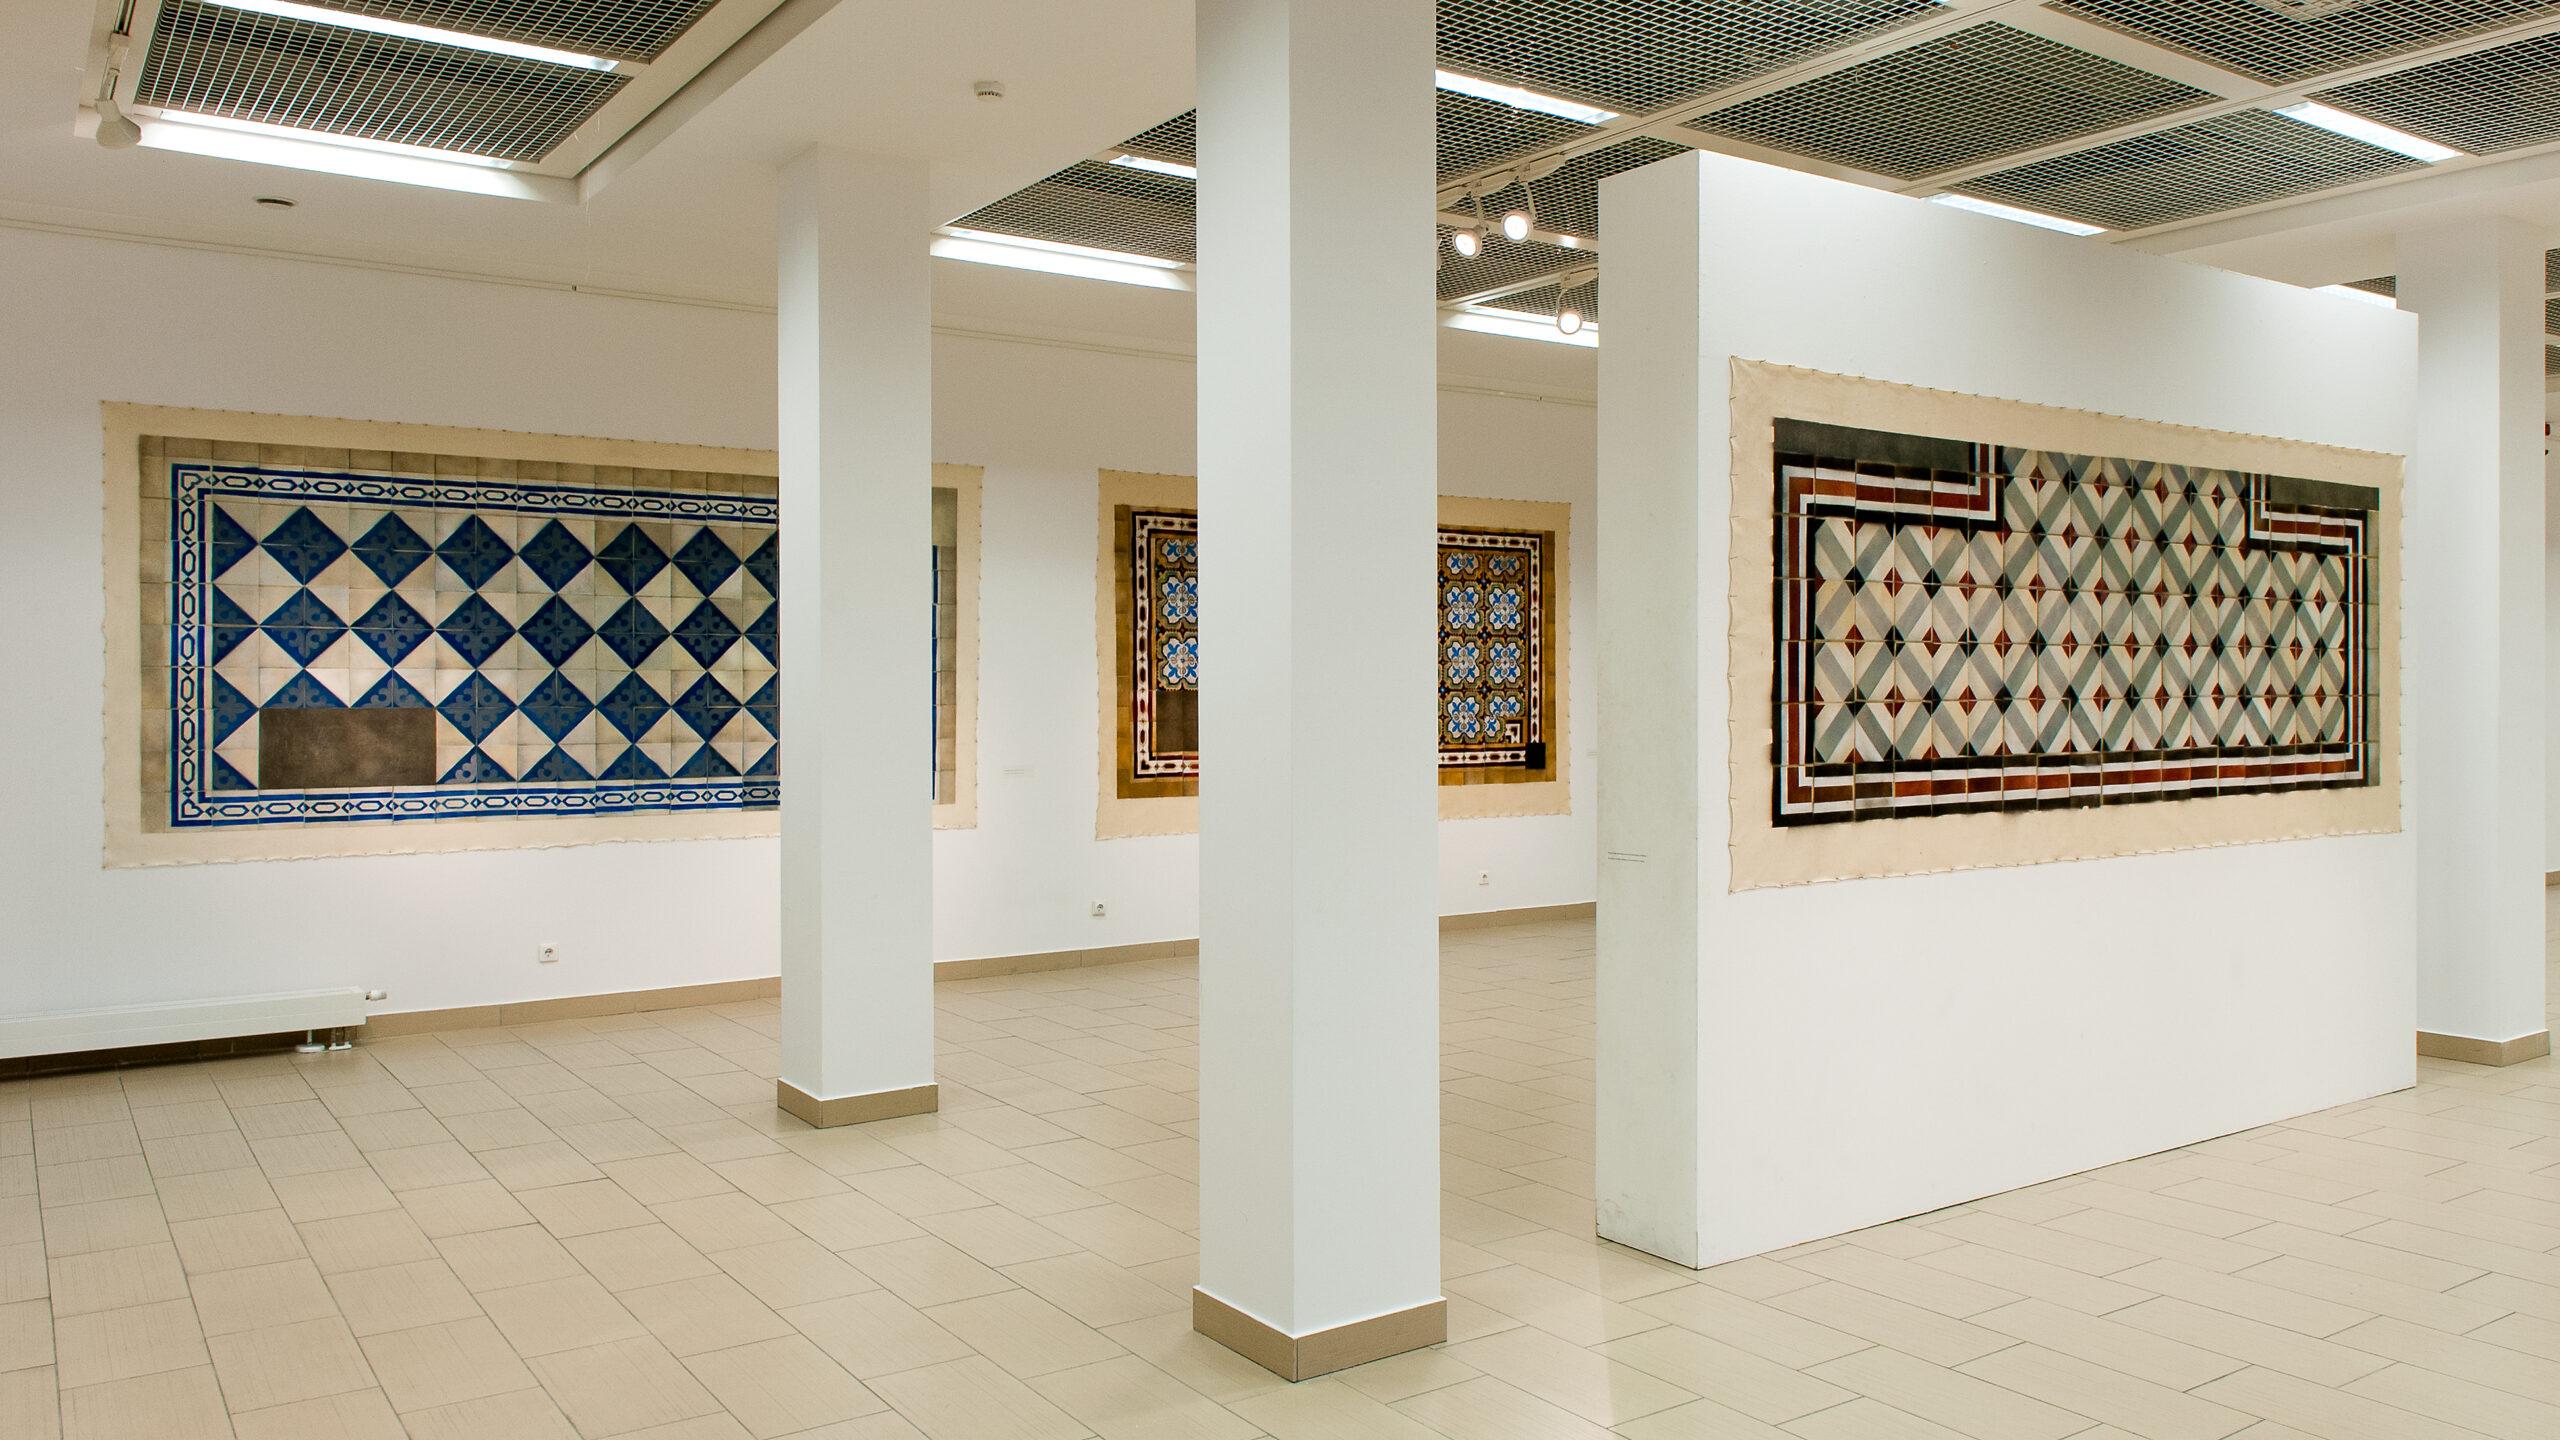 Atėjai, pamatei, išėjai: kultūringos grindys. Vilnius